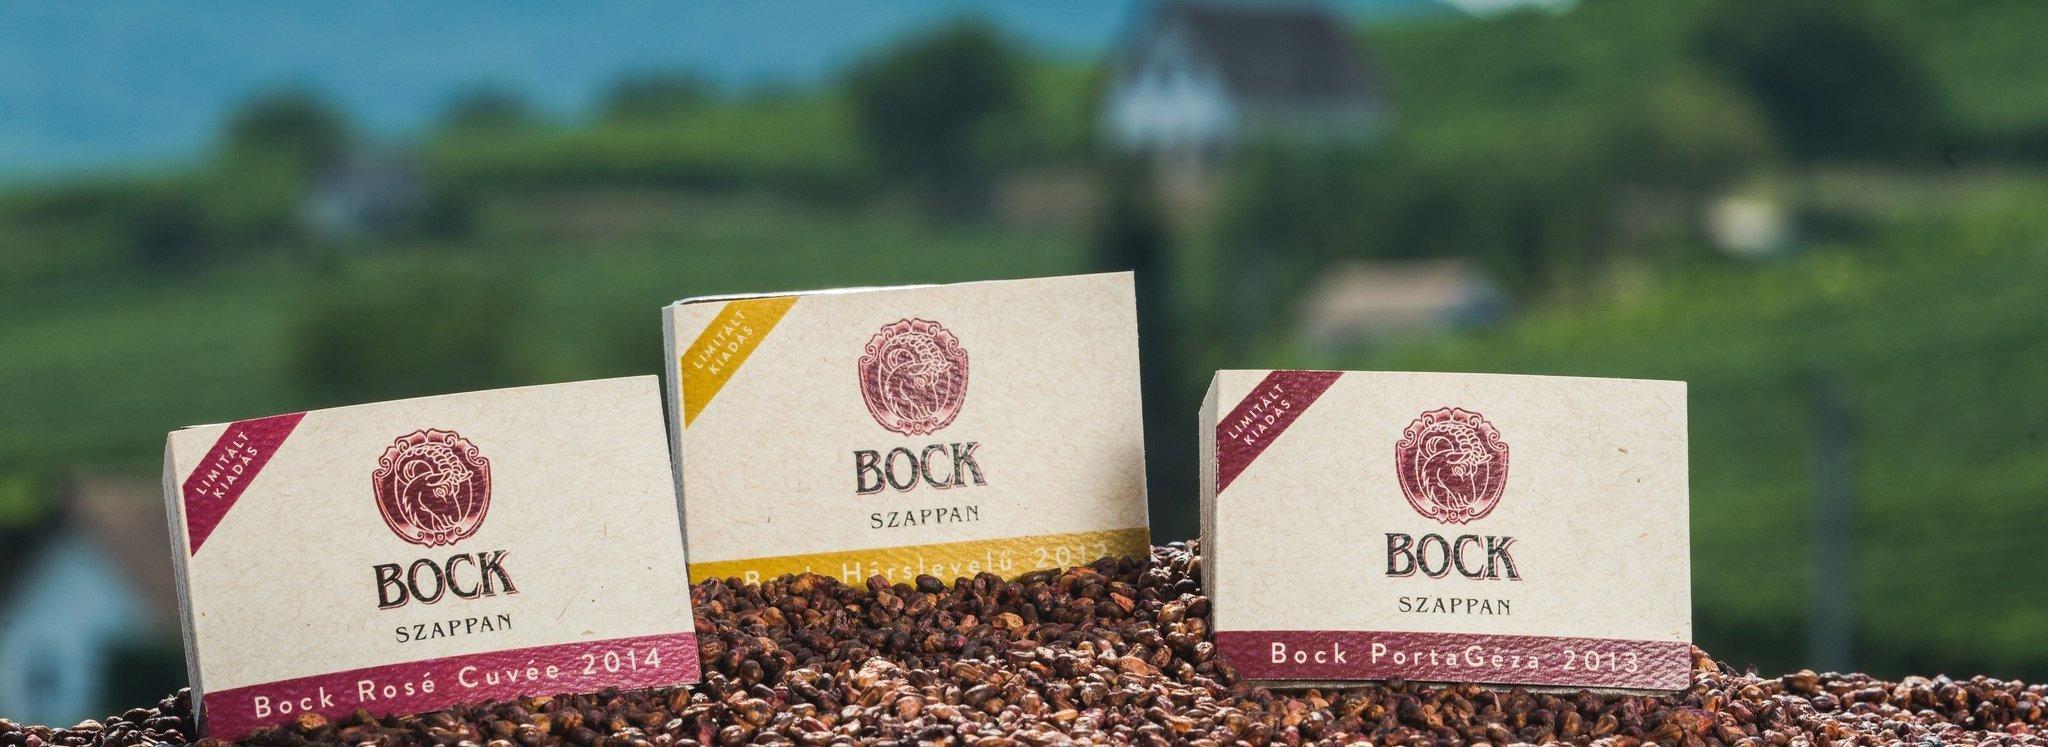 bock-harmas-rot